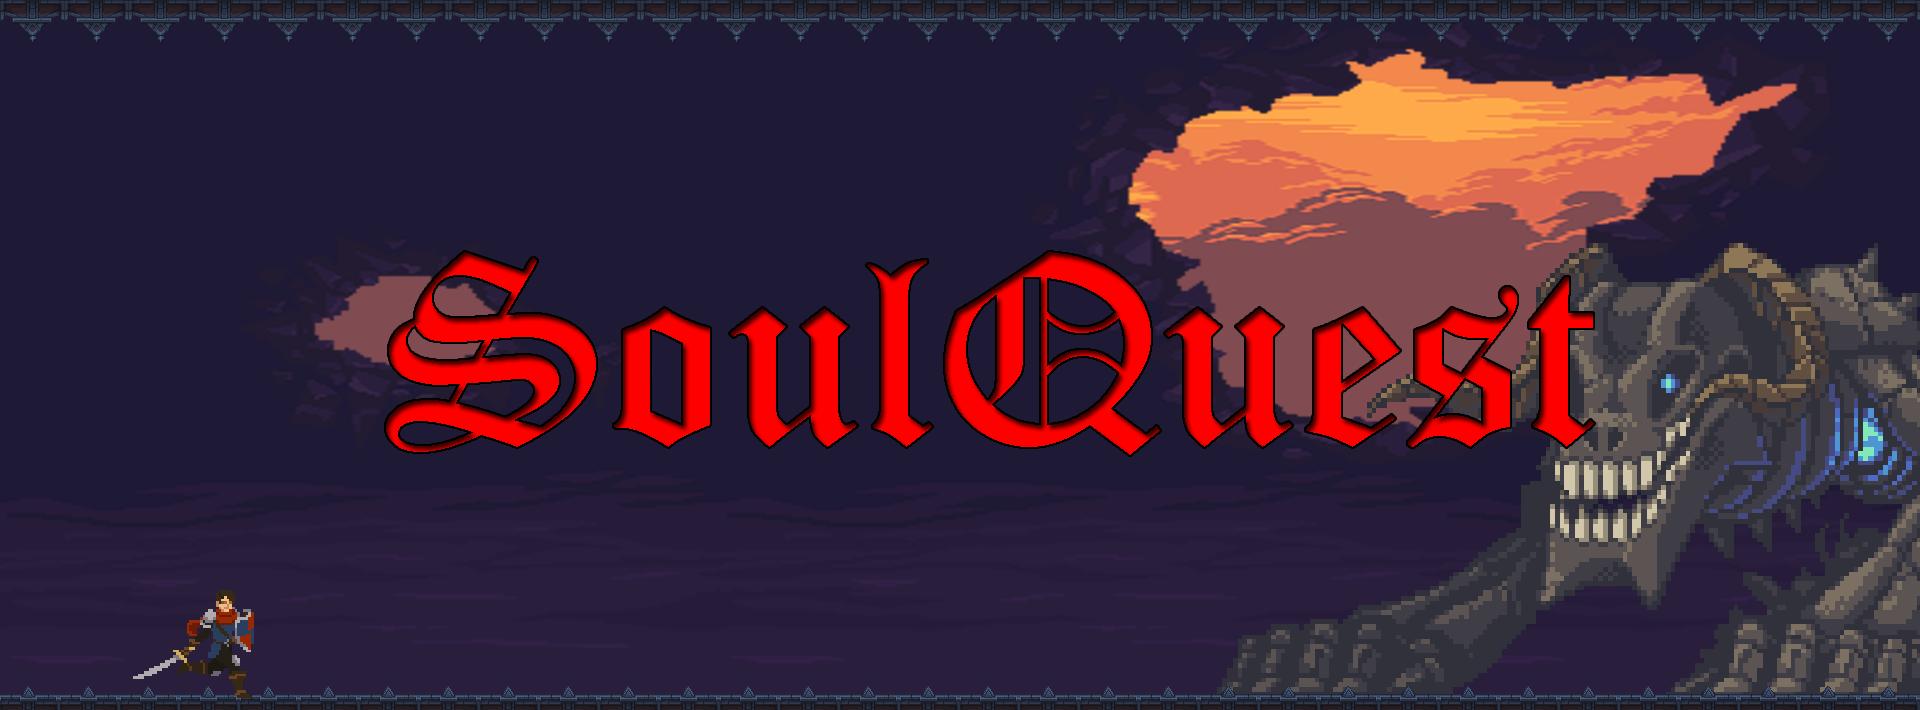 SoulQuest v2